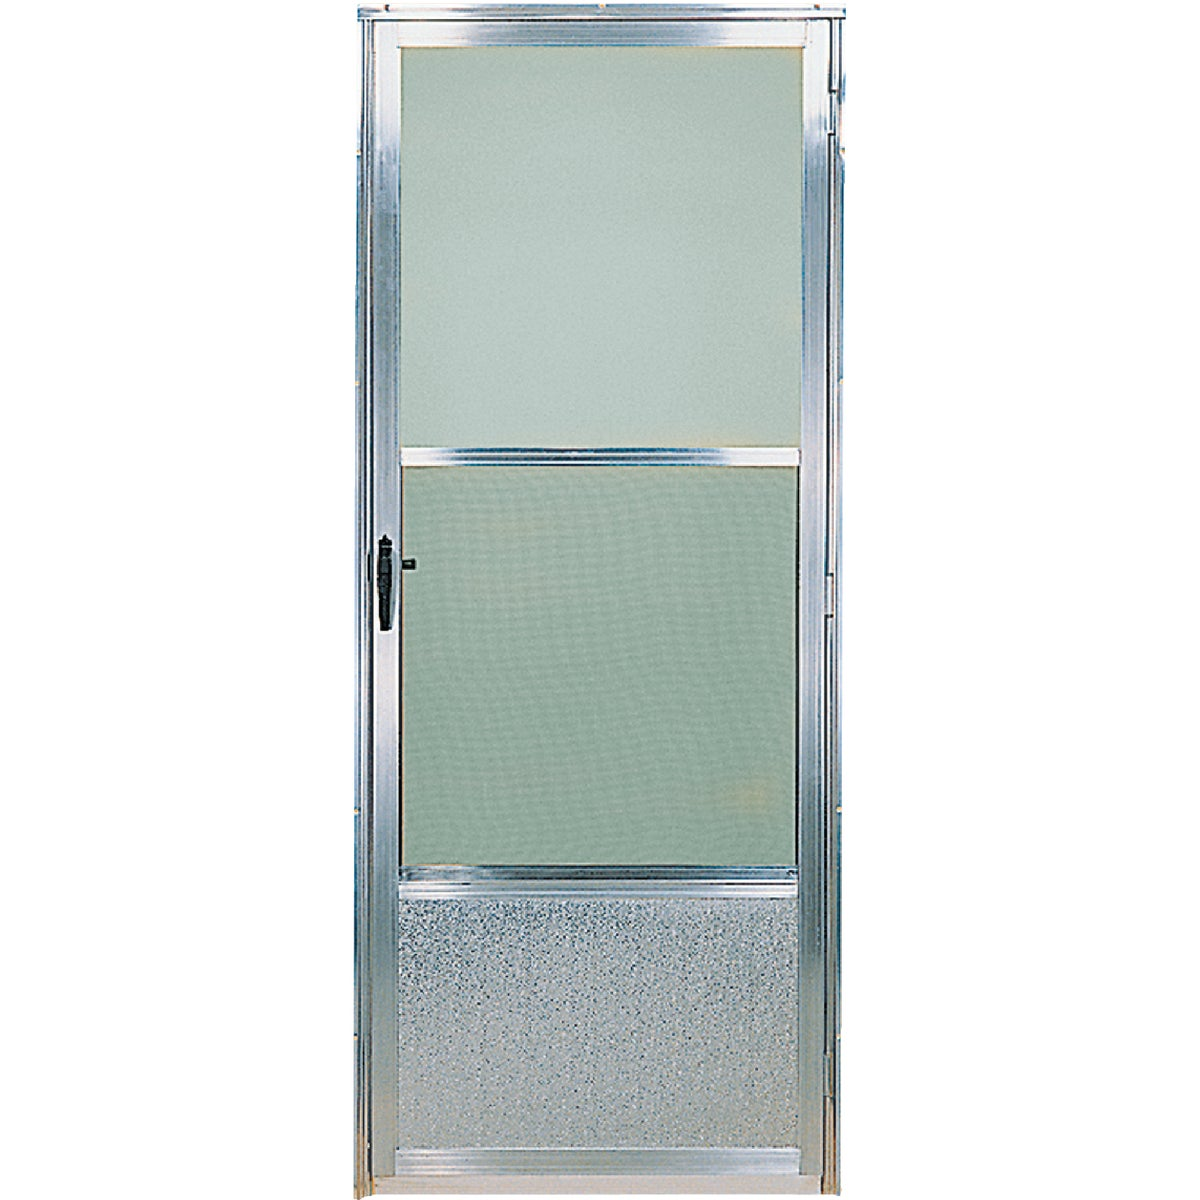 Croft LLC 161 2668 RH MILL DOOR F25751